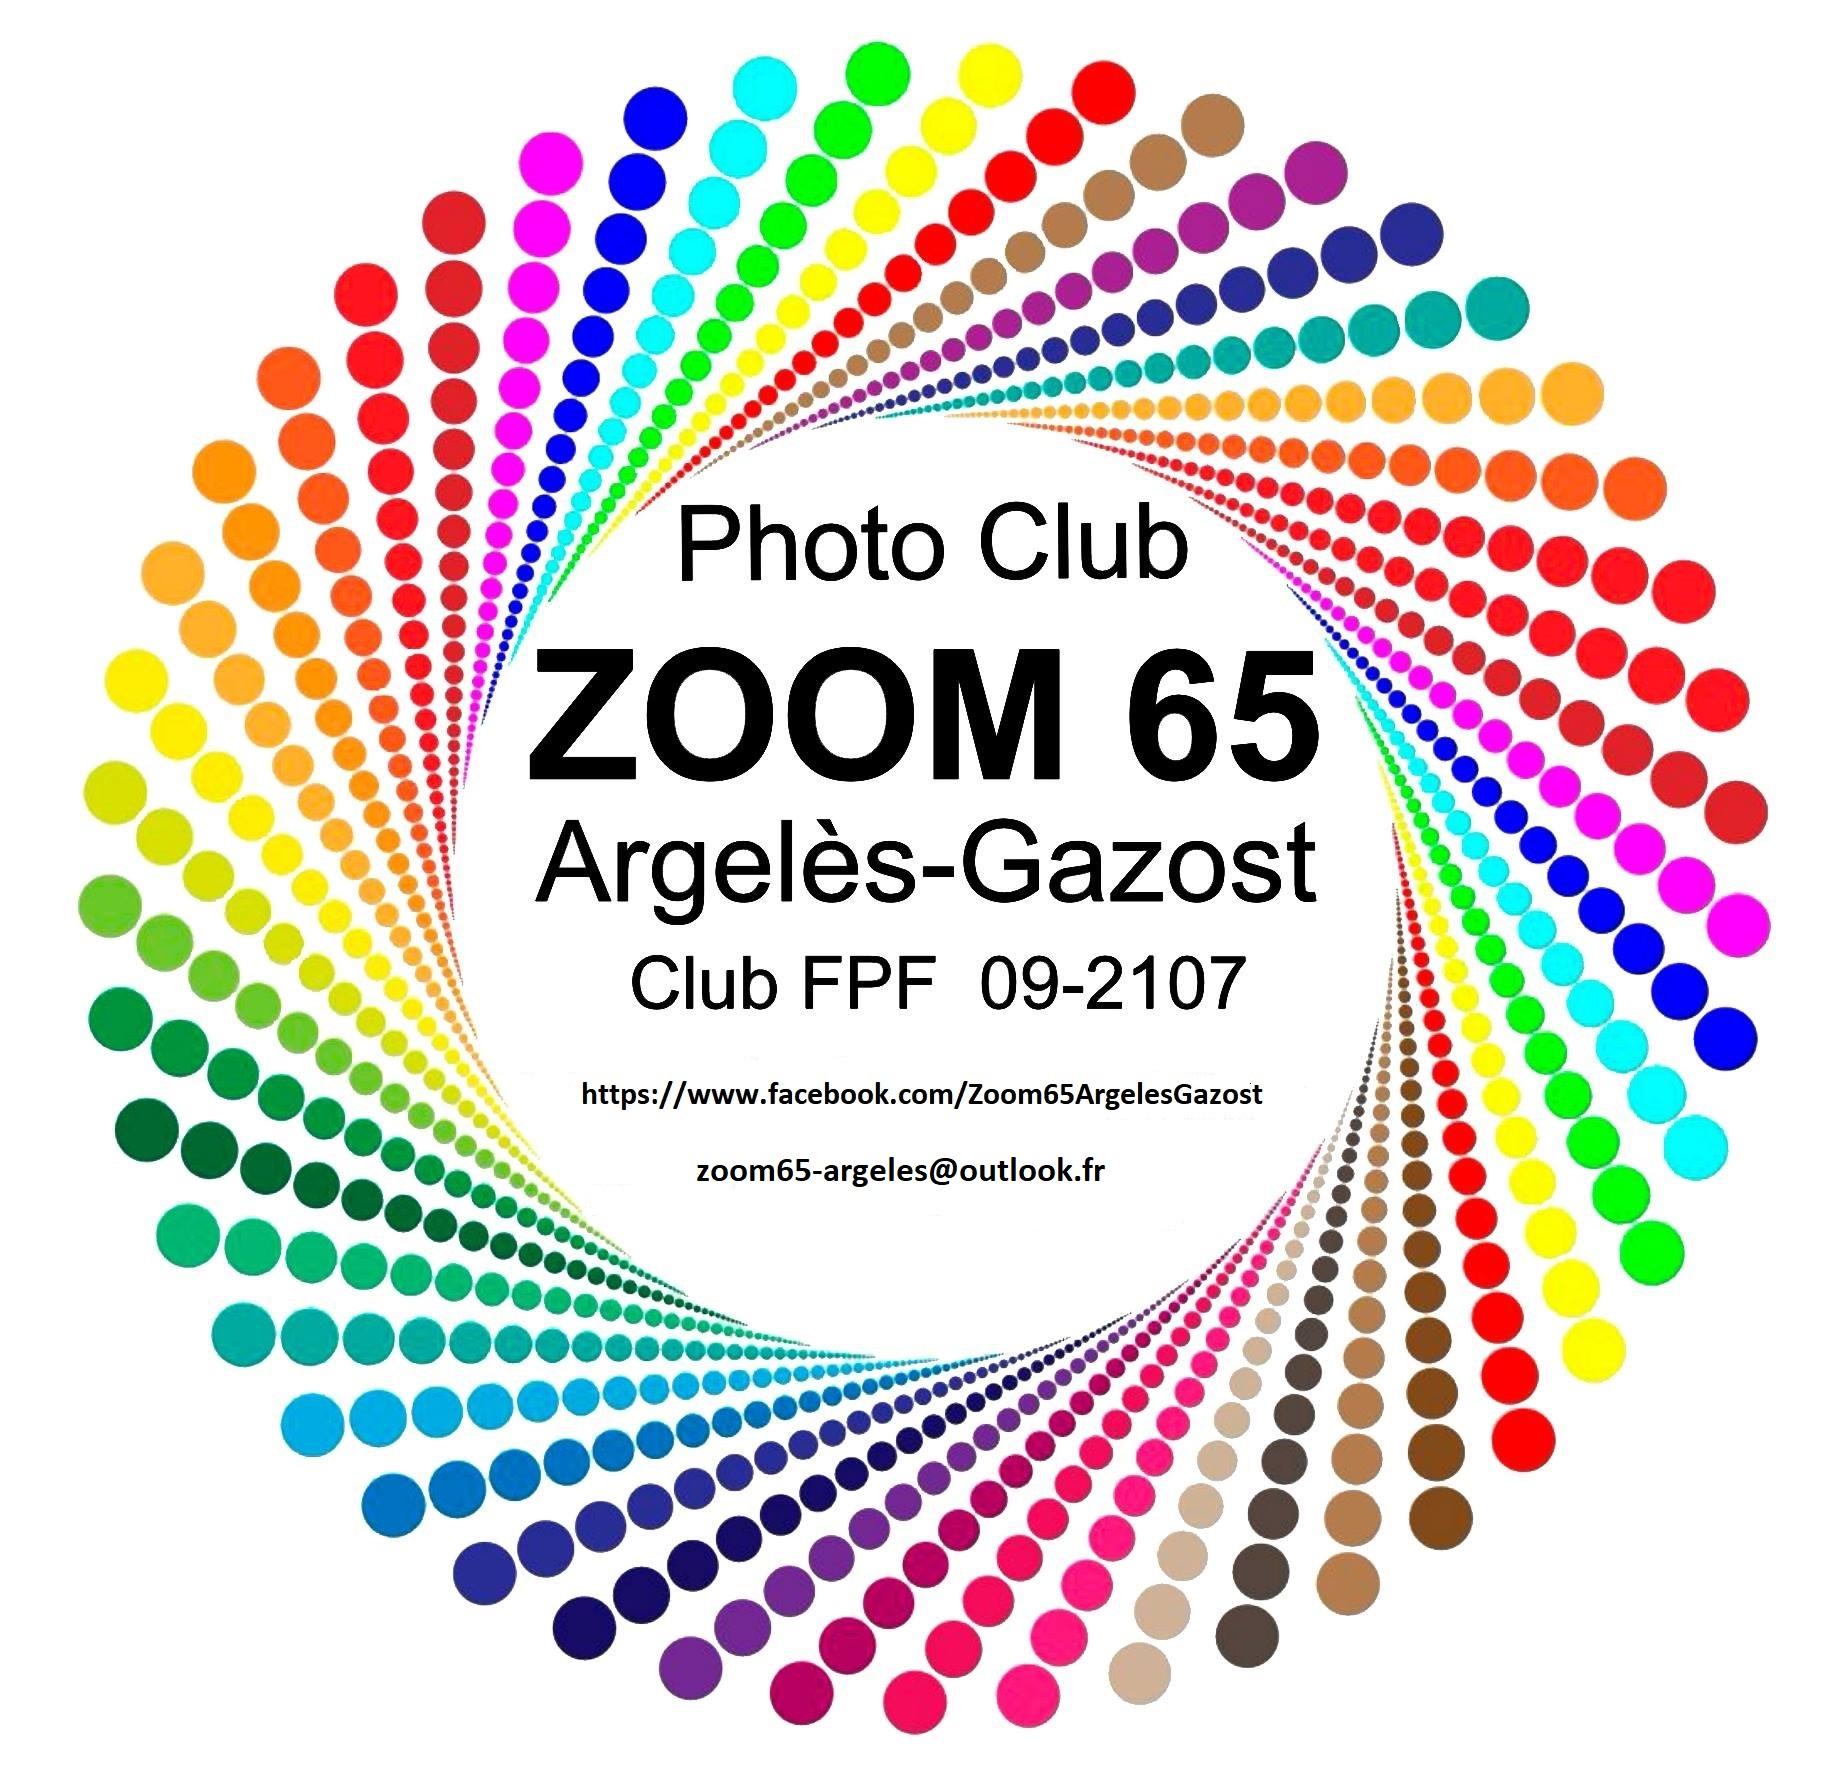 Zoom 65 Argeles